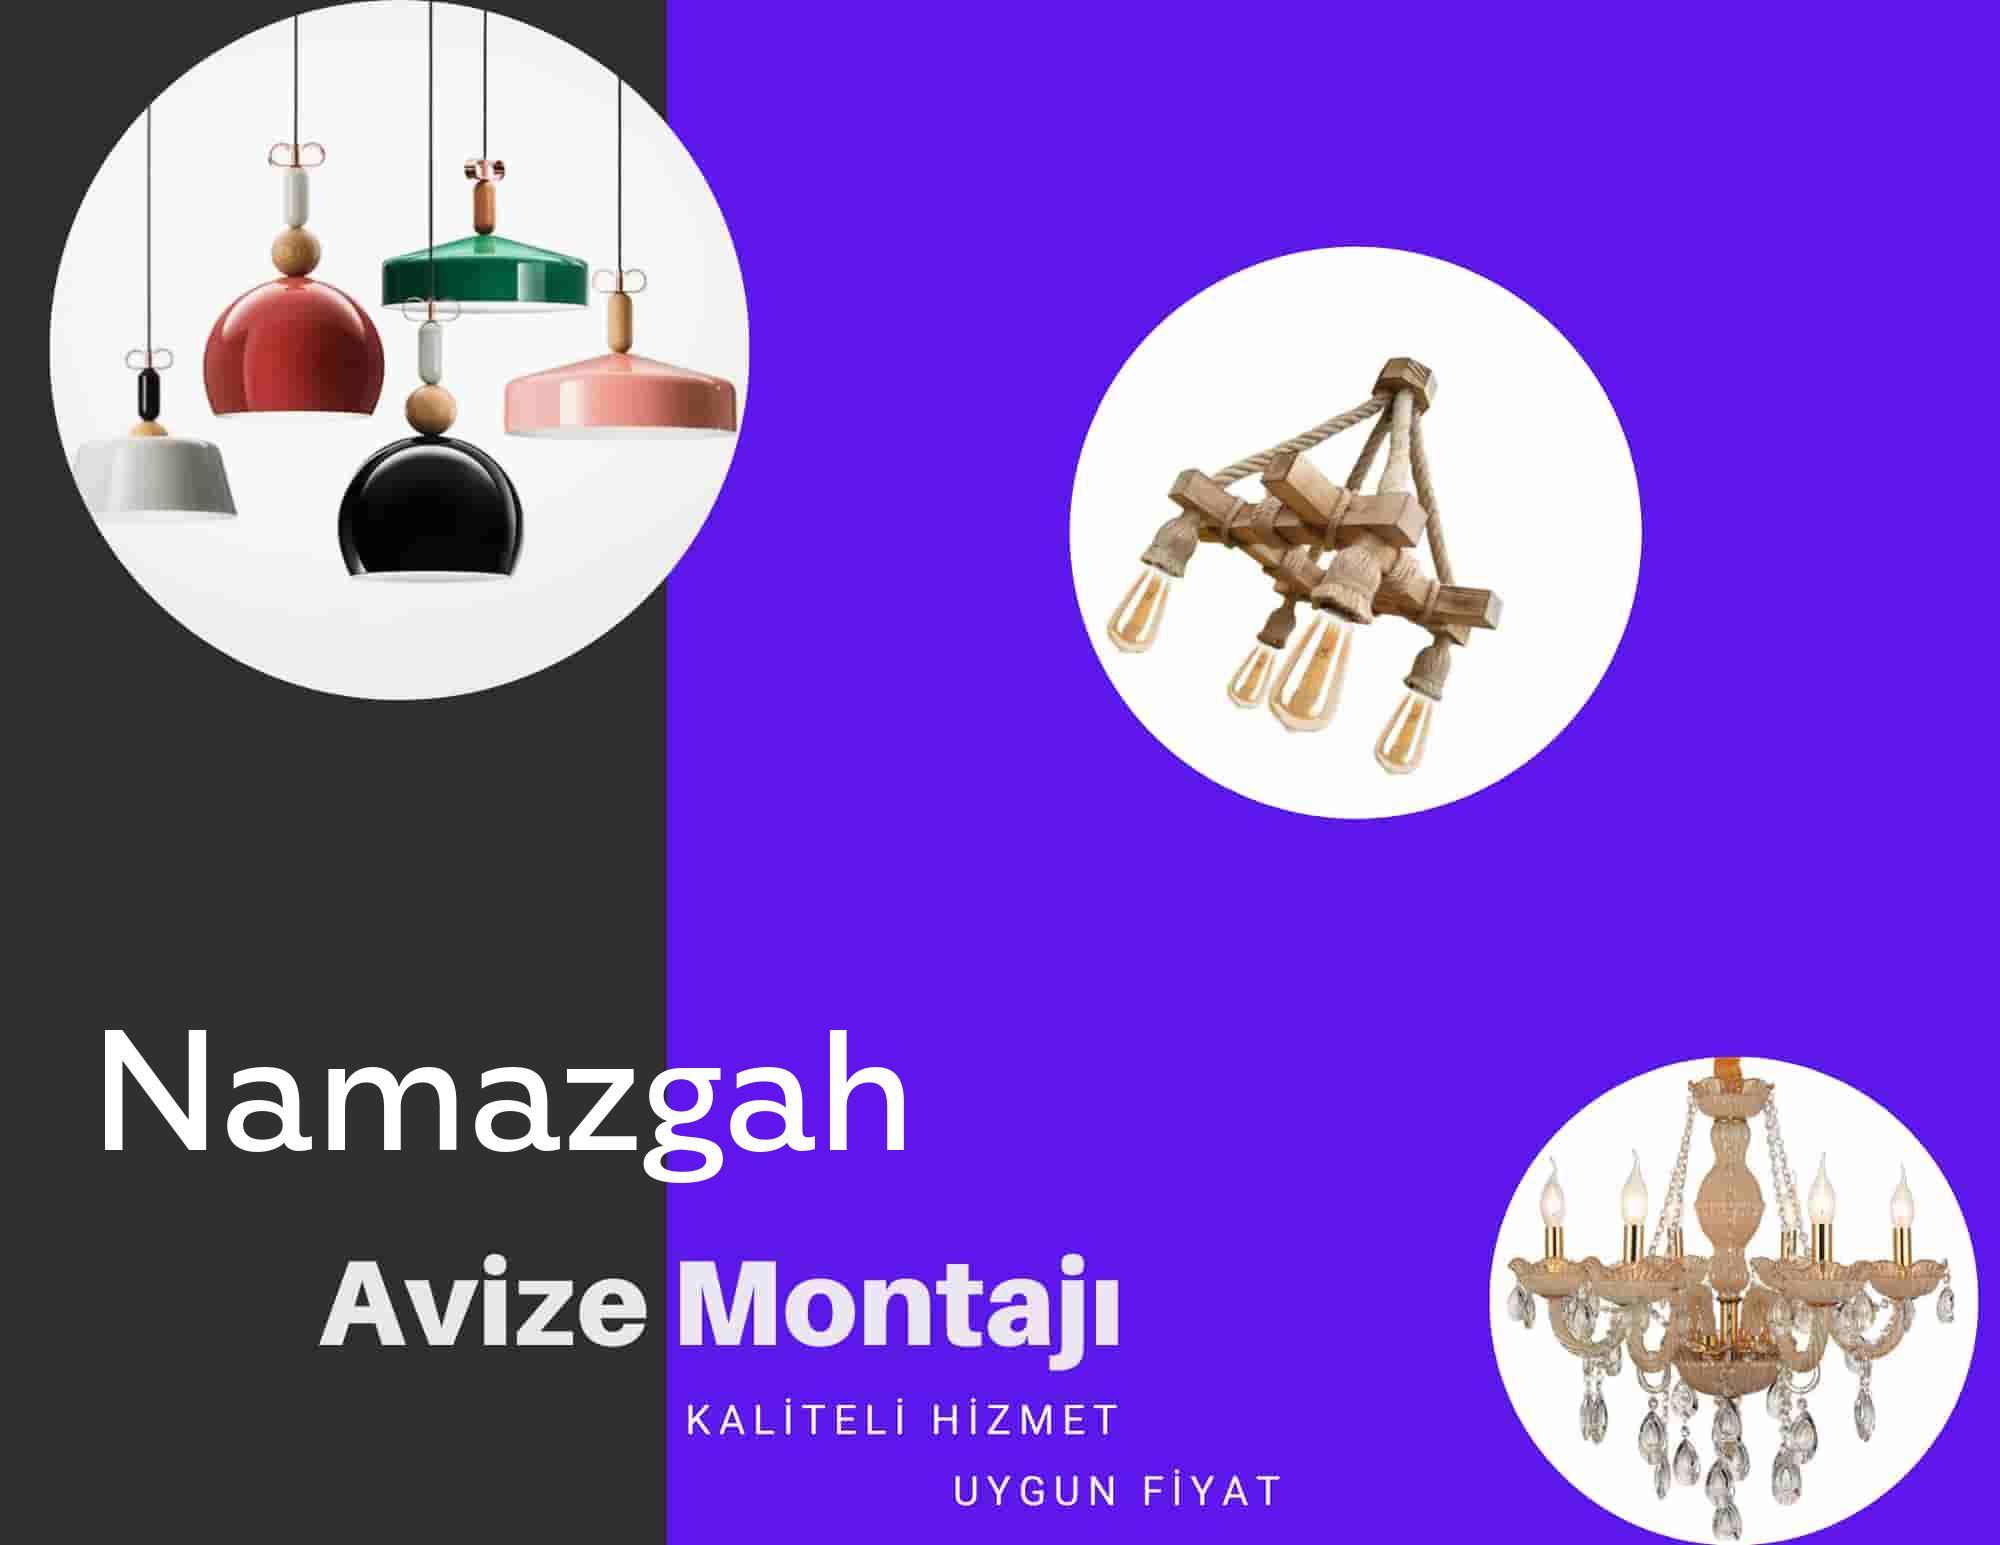 Namazgah de avize montajı yapan yerler arıyorsanız elektrikcicagir anında size profesyonel avize montajı ustasını yönlendirir.